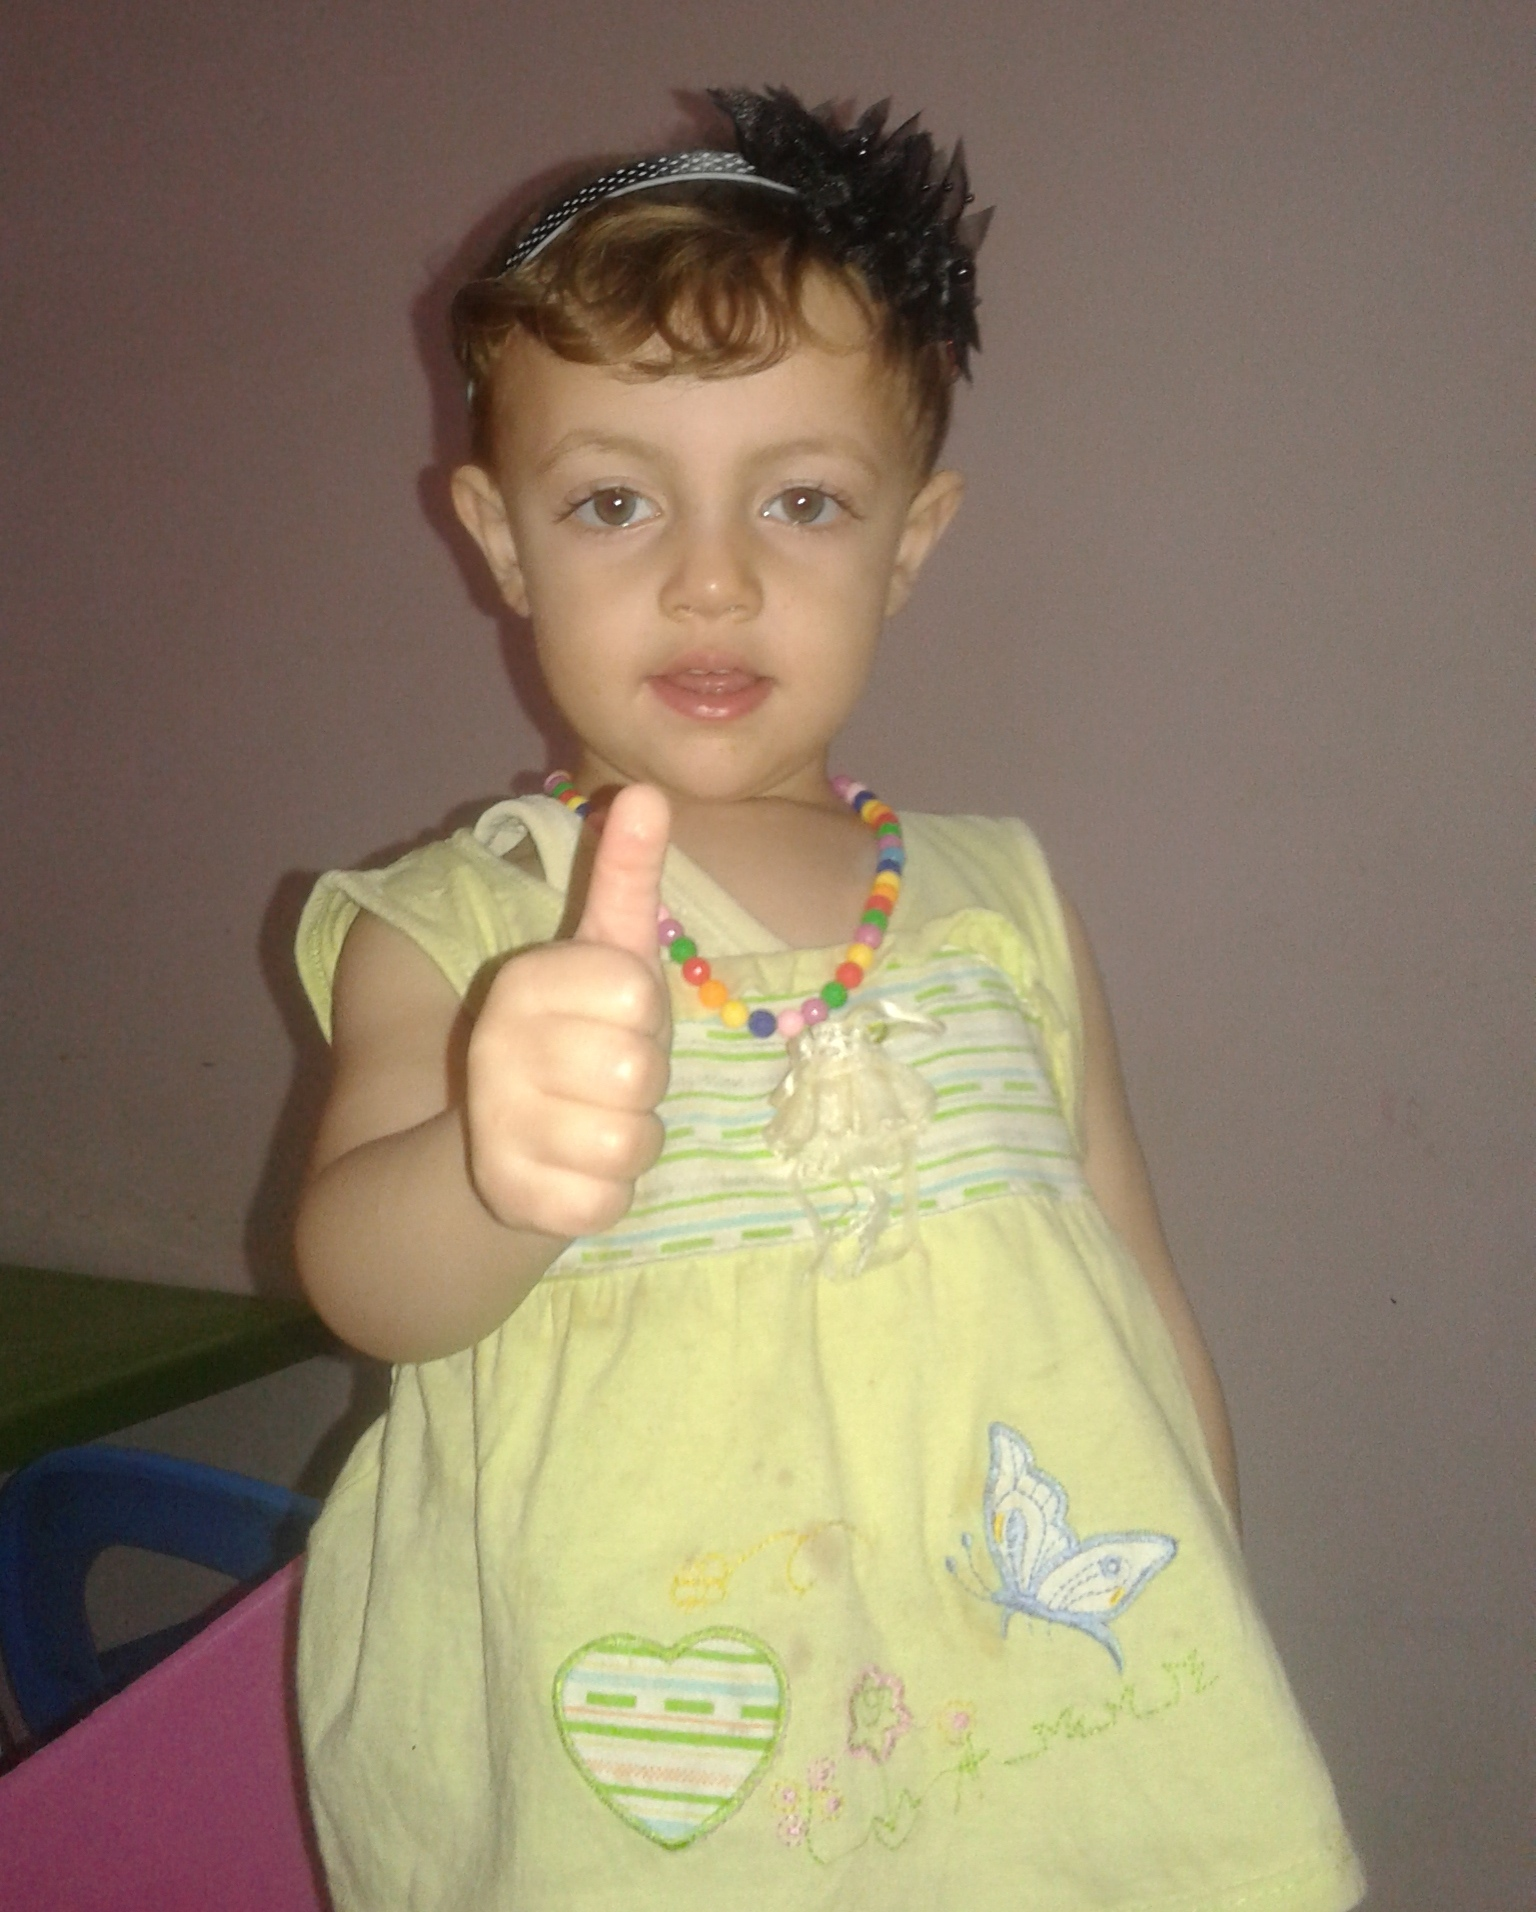 تهنئة بالسلامة للطفلة : جوري شادي ابراهيم عبدو الفرا